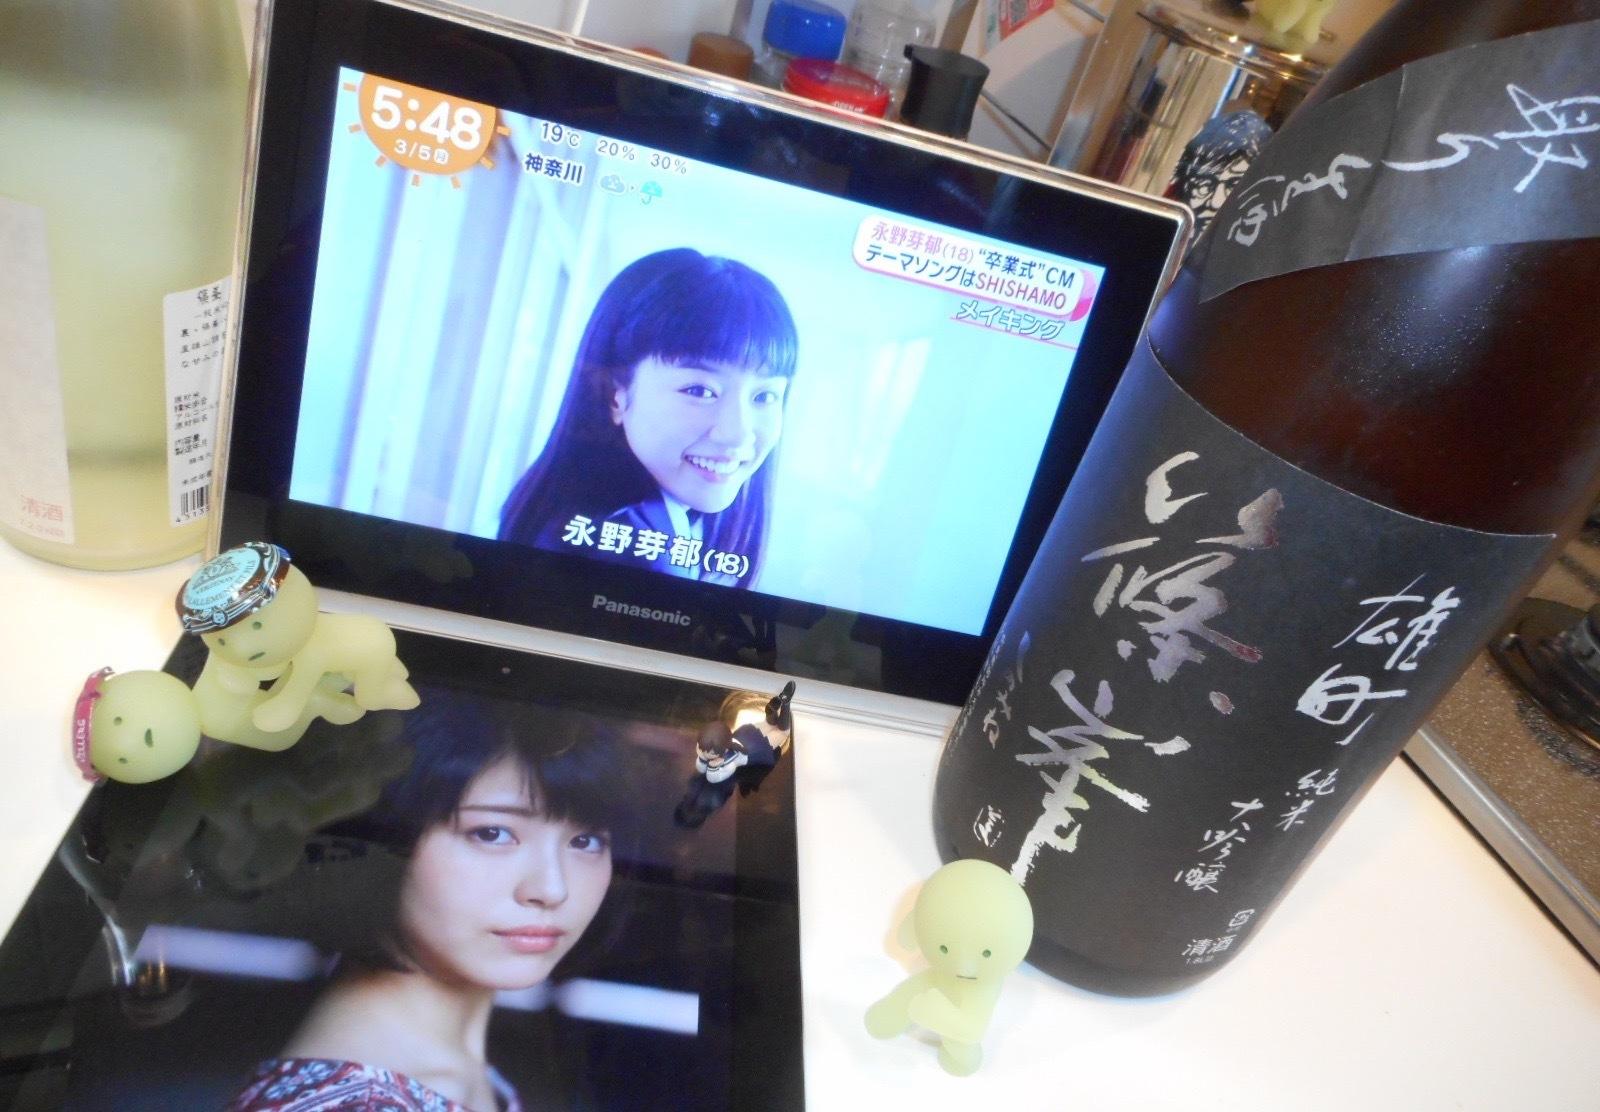 shinomine_classic9_3_1.jpg